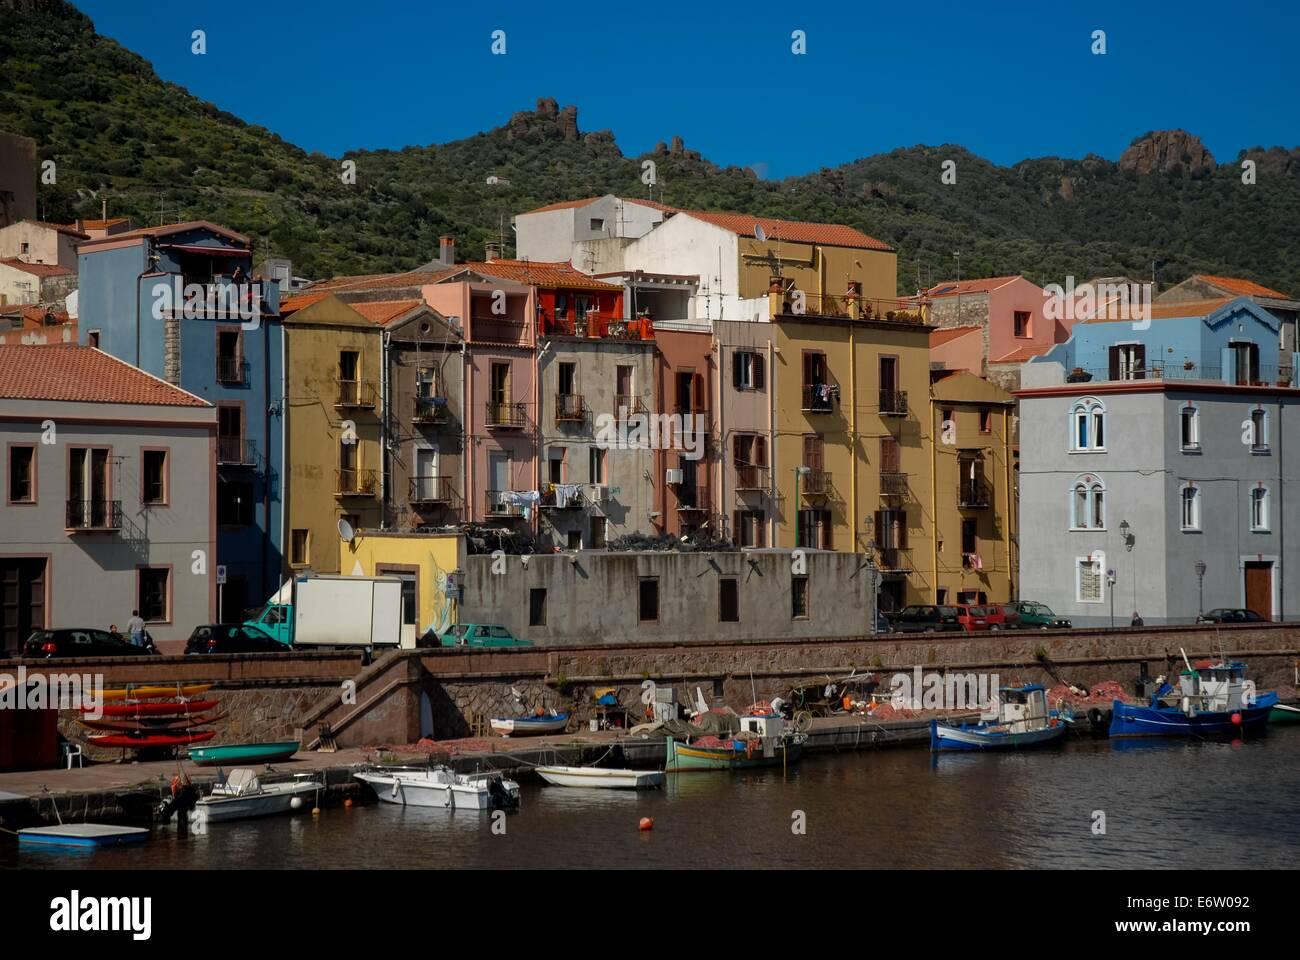 Bosa en Sardaigne, Italie Banque D'Images